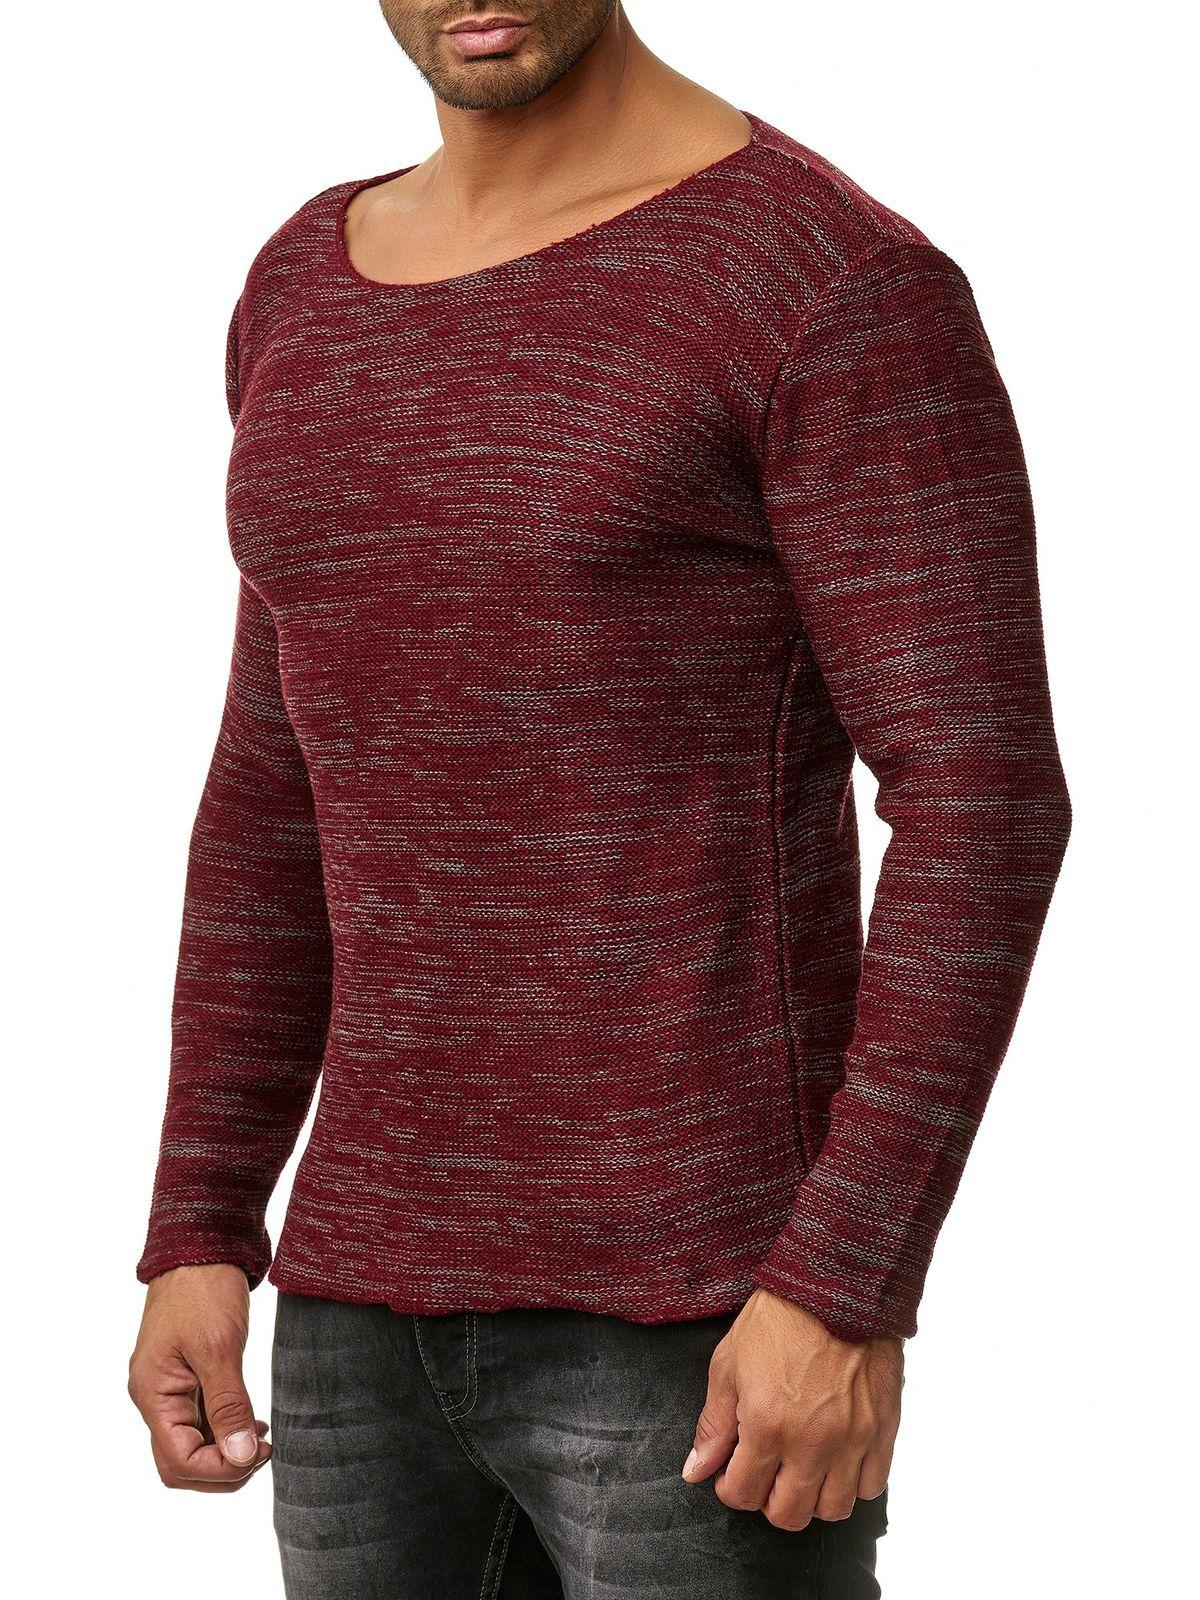 Tazzio Fashion Herren Strick-Pullover mit Rundhals-Ausschnitt Rot 313de2af12